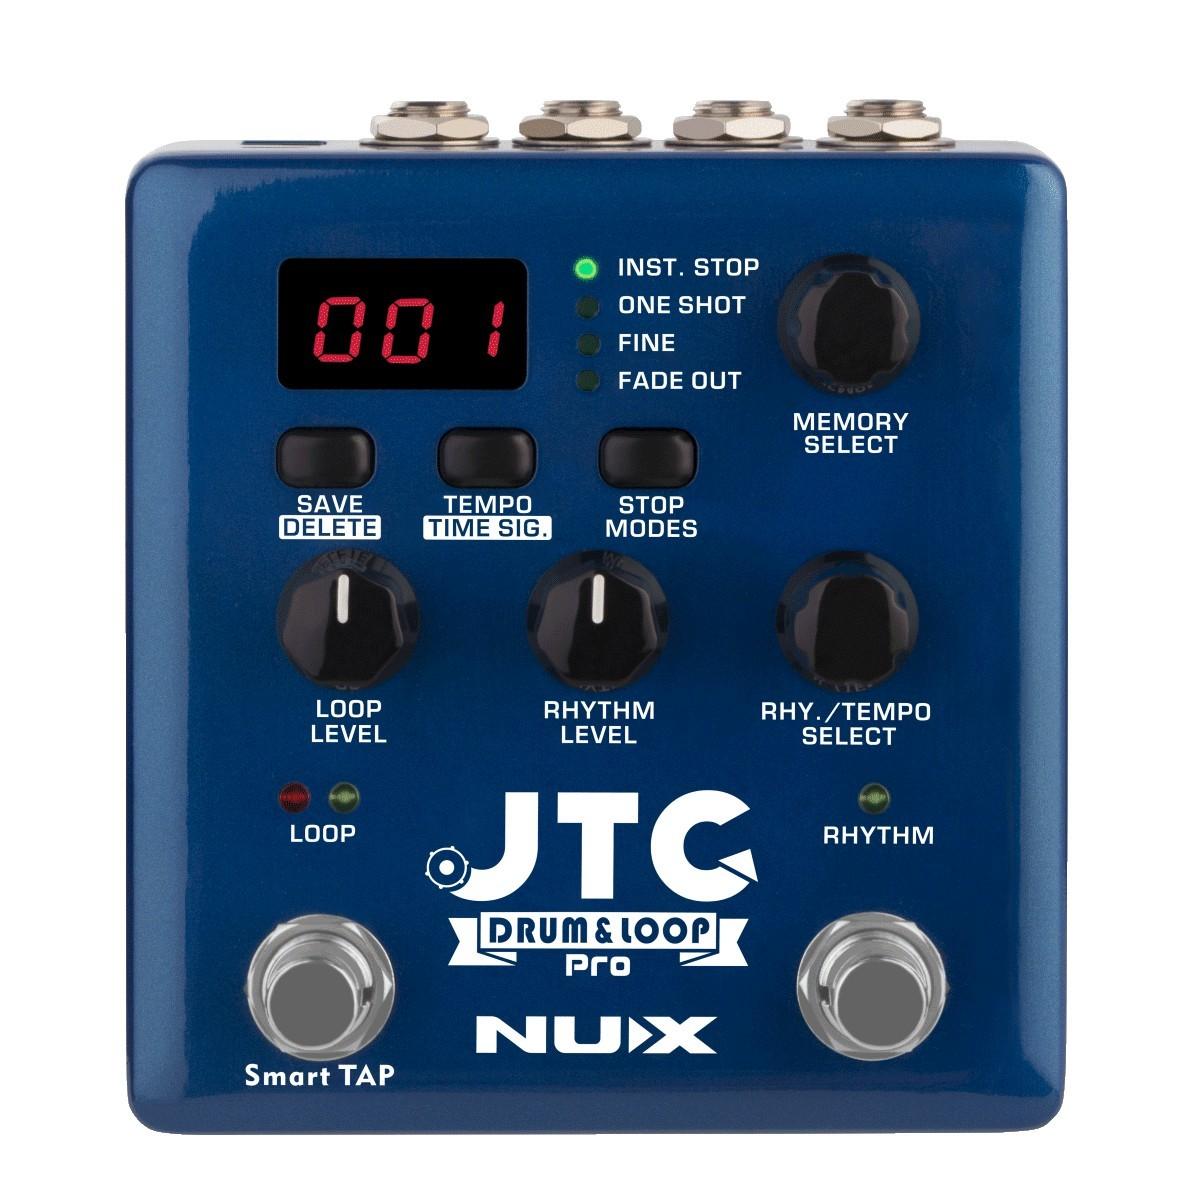 NUX JTC DRUM & LOOP PRO NDL-5